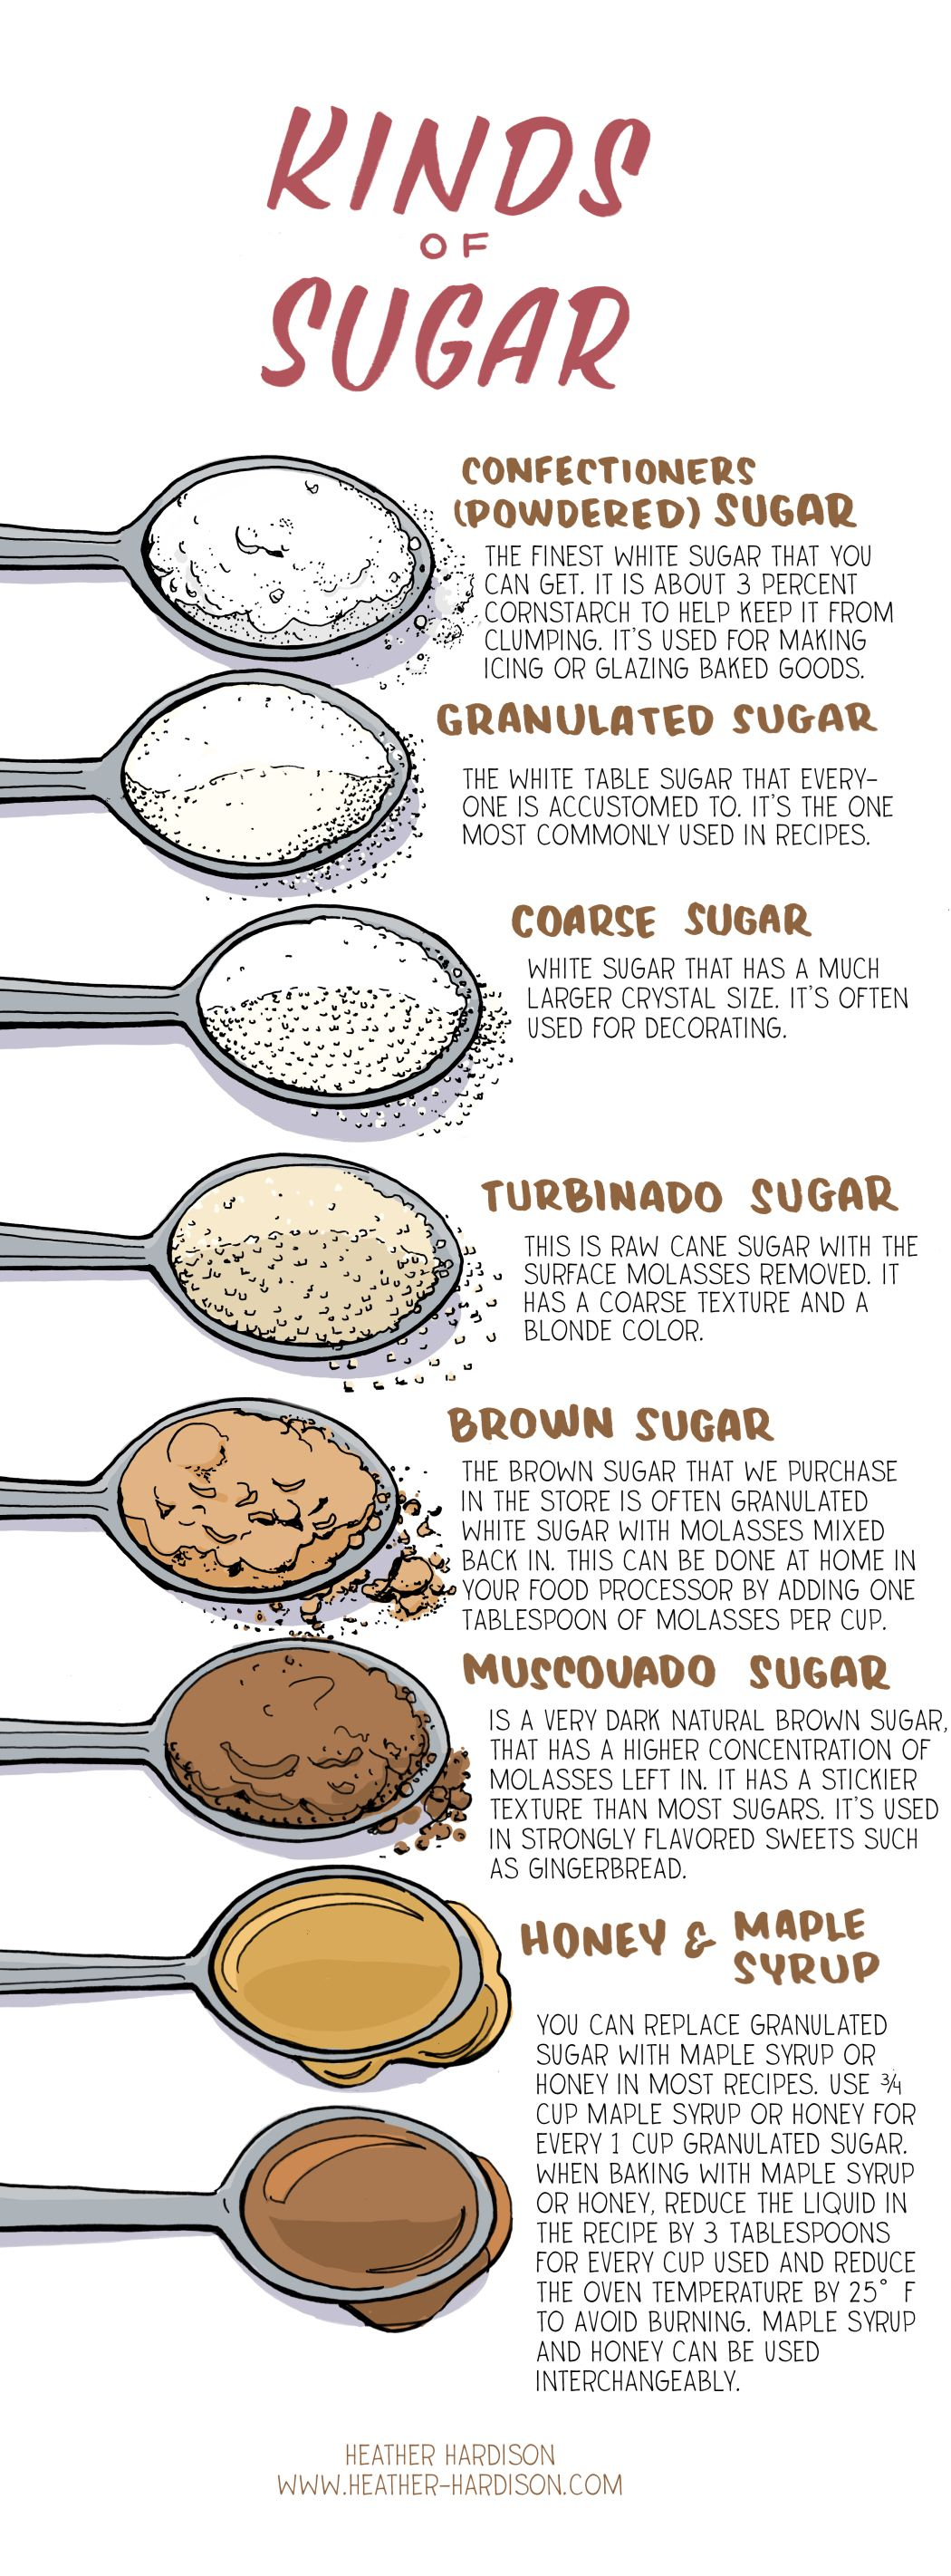 Kind of Sugar